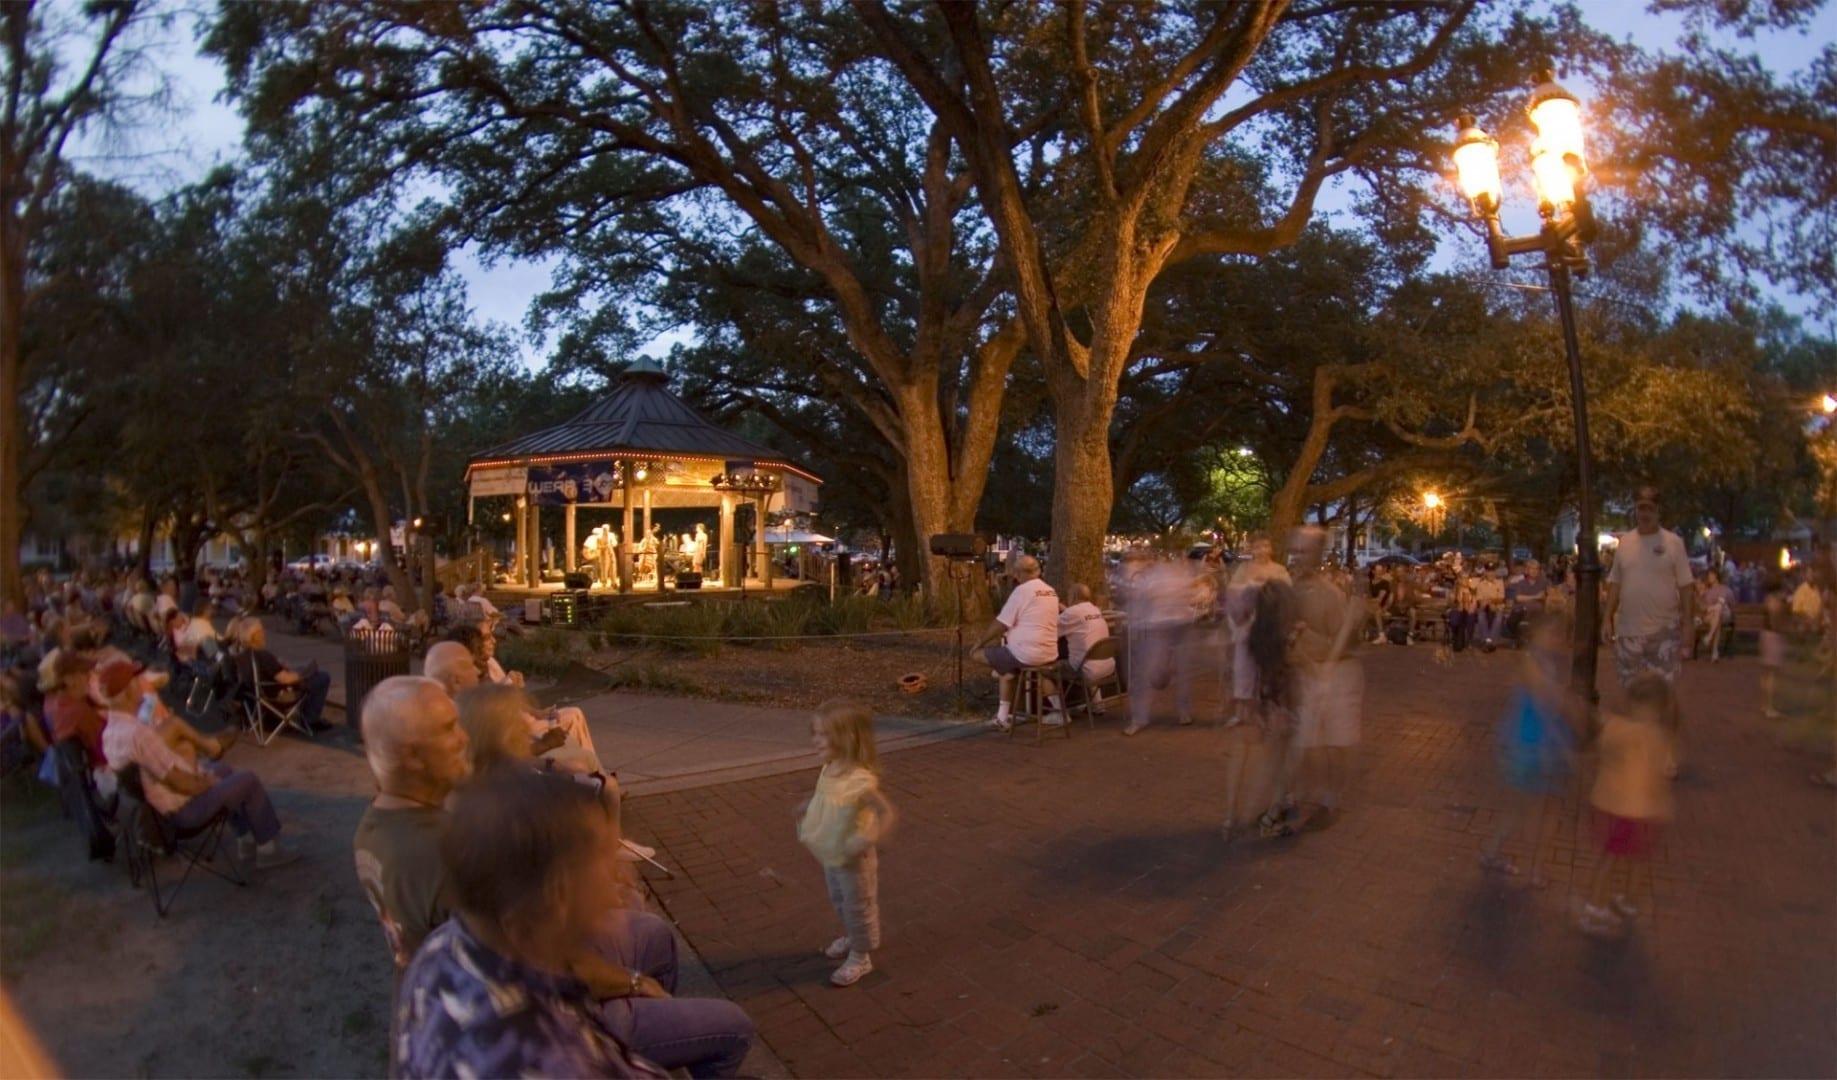 Una banda toca bajo los robles en las tardes en la Plaza de Olde Sevilla. Pensacola (Florida) Estados Unidos